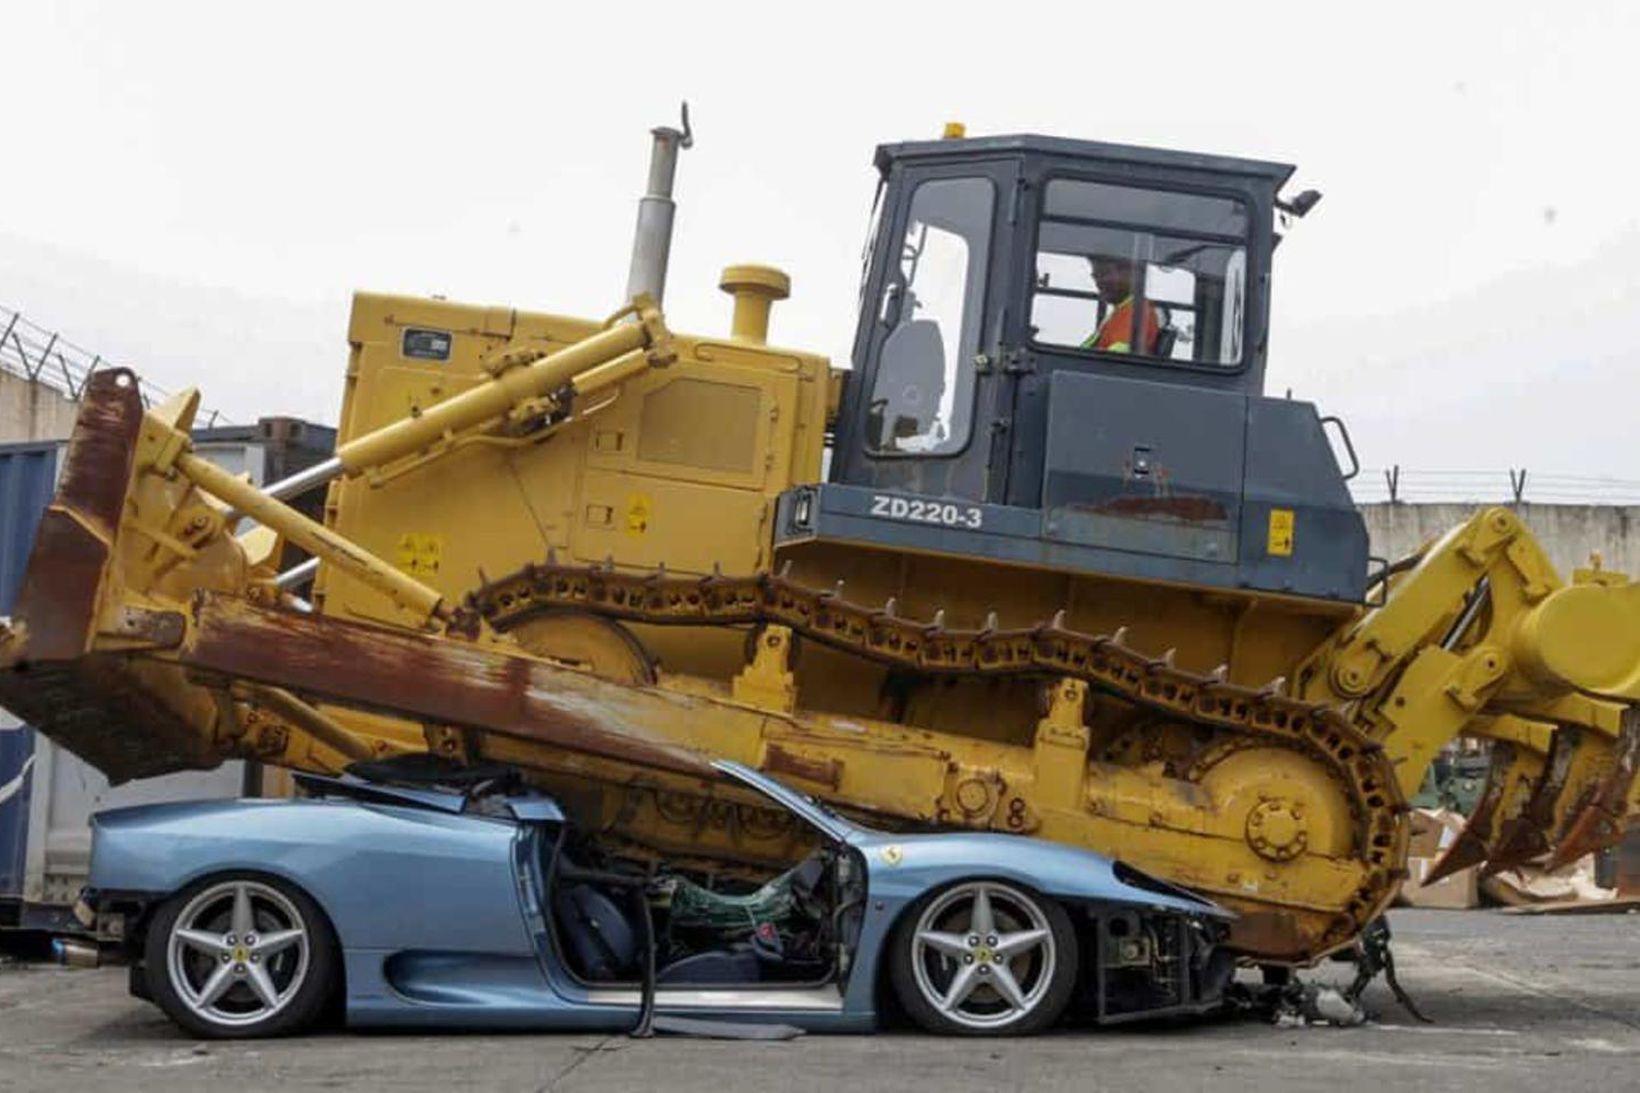 Ferrari 360 Spider ofursportbíllinn leggst saman undan farginu sem jarðýtan …